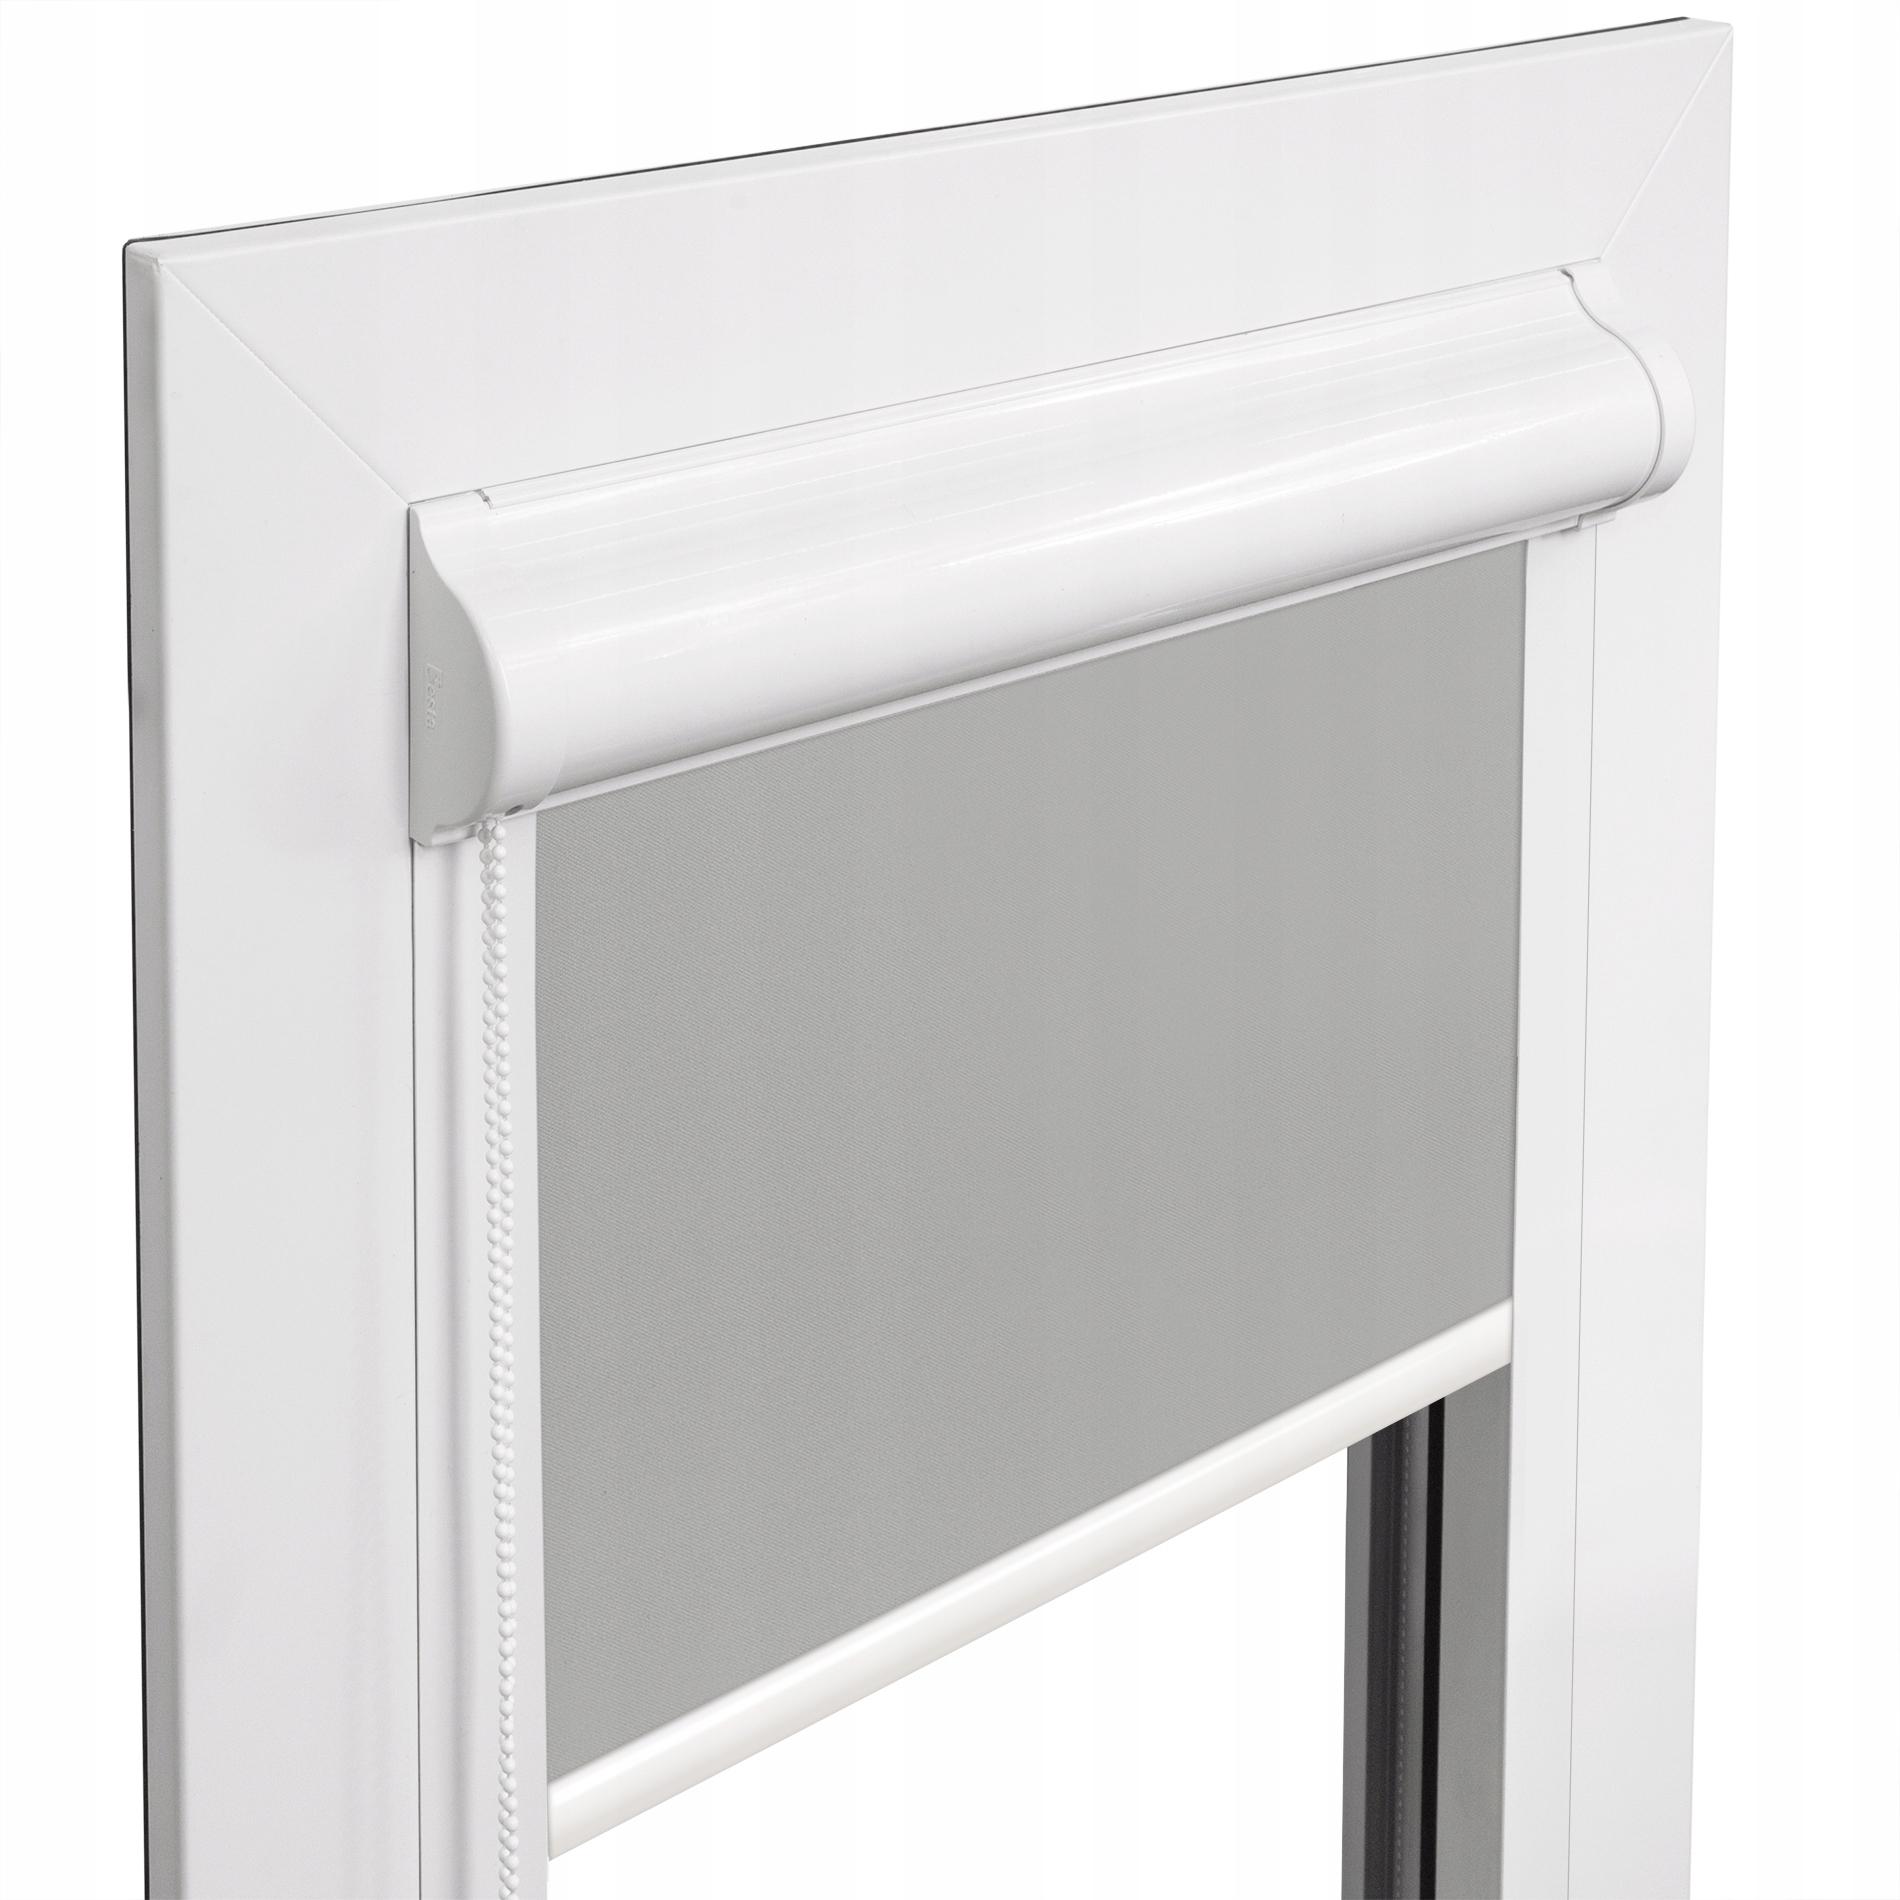 Рулонные шторы в кассете, затемнение 100% по индивидуальному заказу